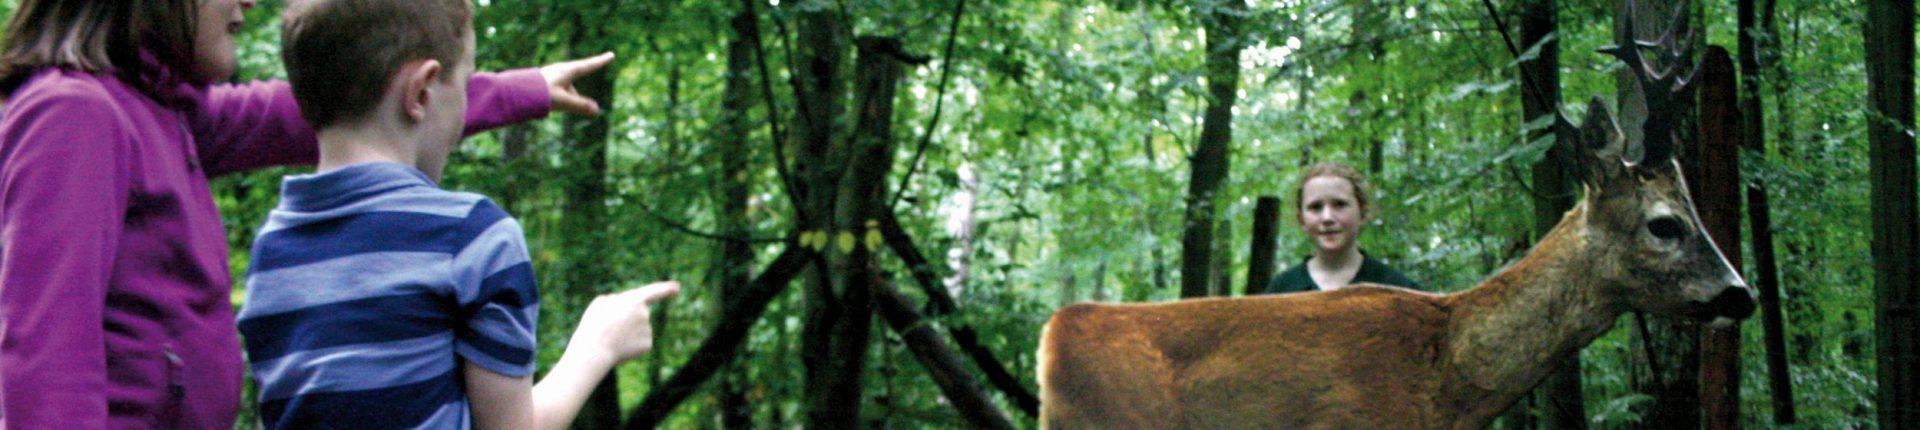 Jagdhistorische Pirsch